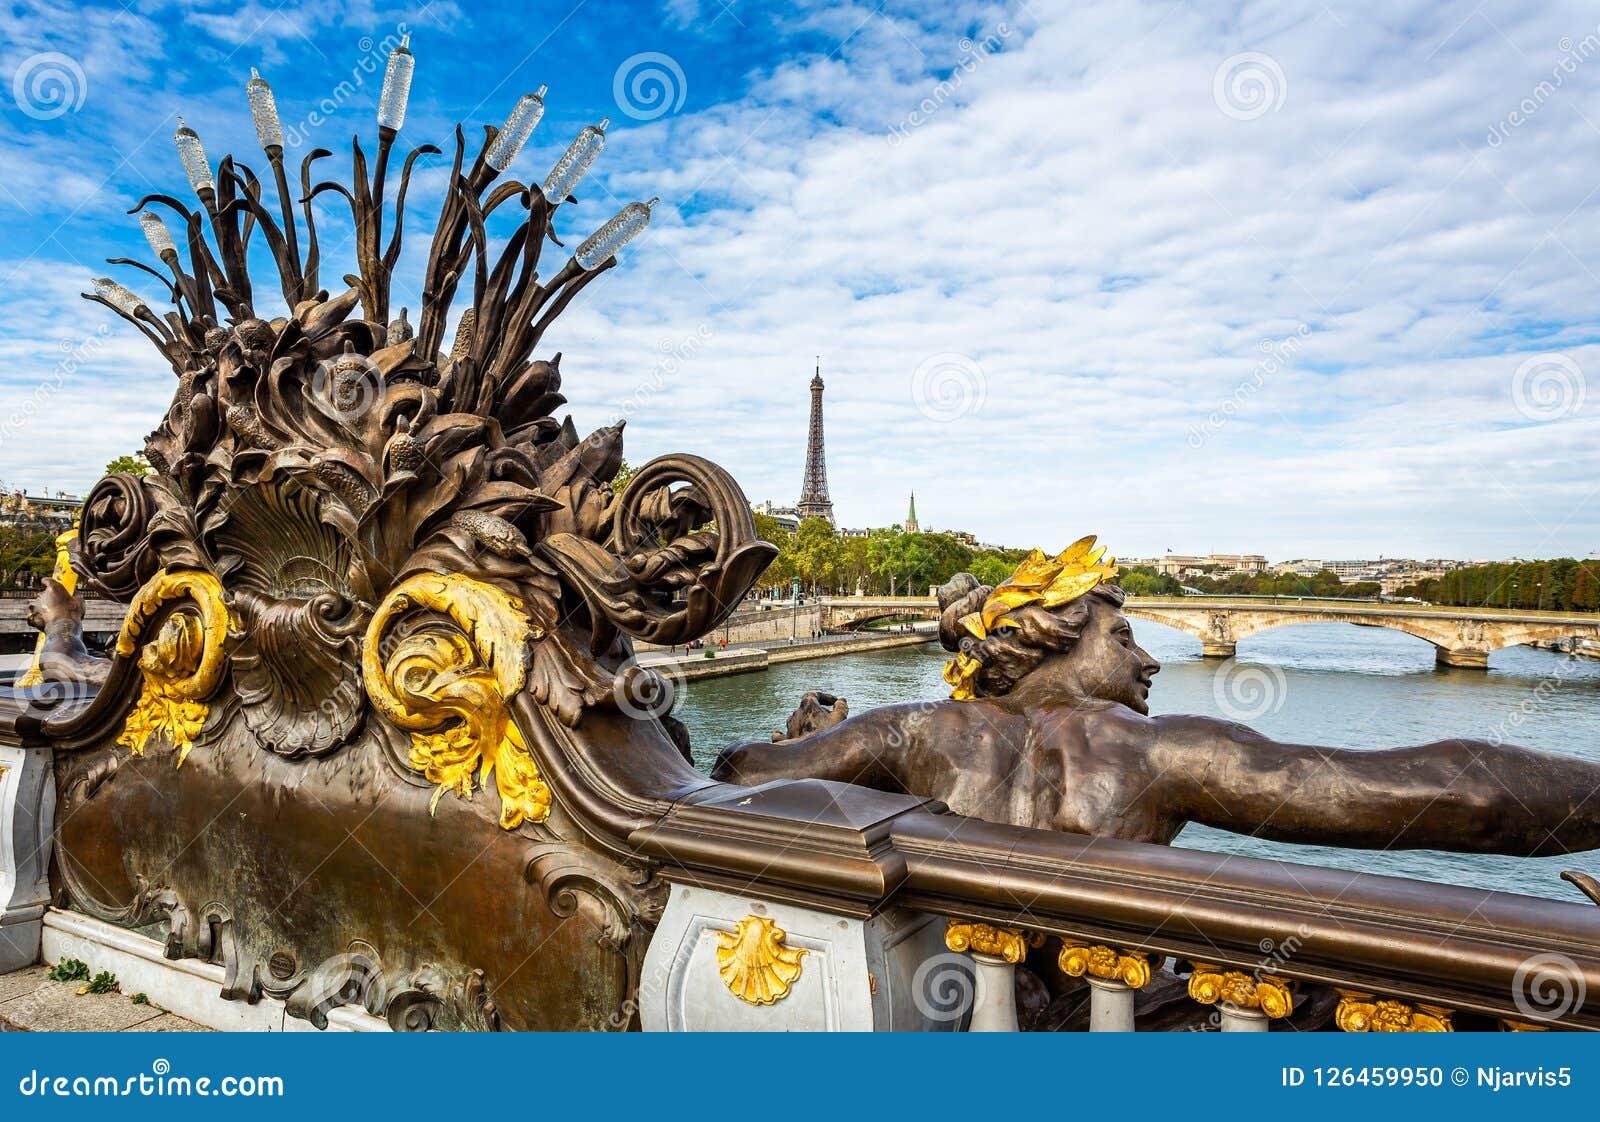 Nymphen des Wadenetzes vergoldeten Statue auf der Alexander III.-Brücke mit dem Eiffelturm im Hintergrund in Paris